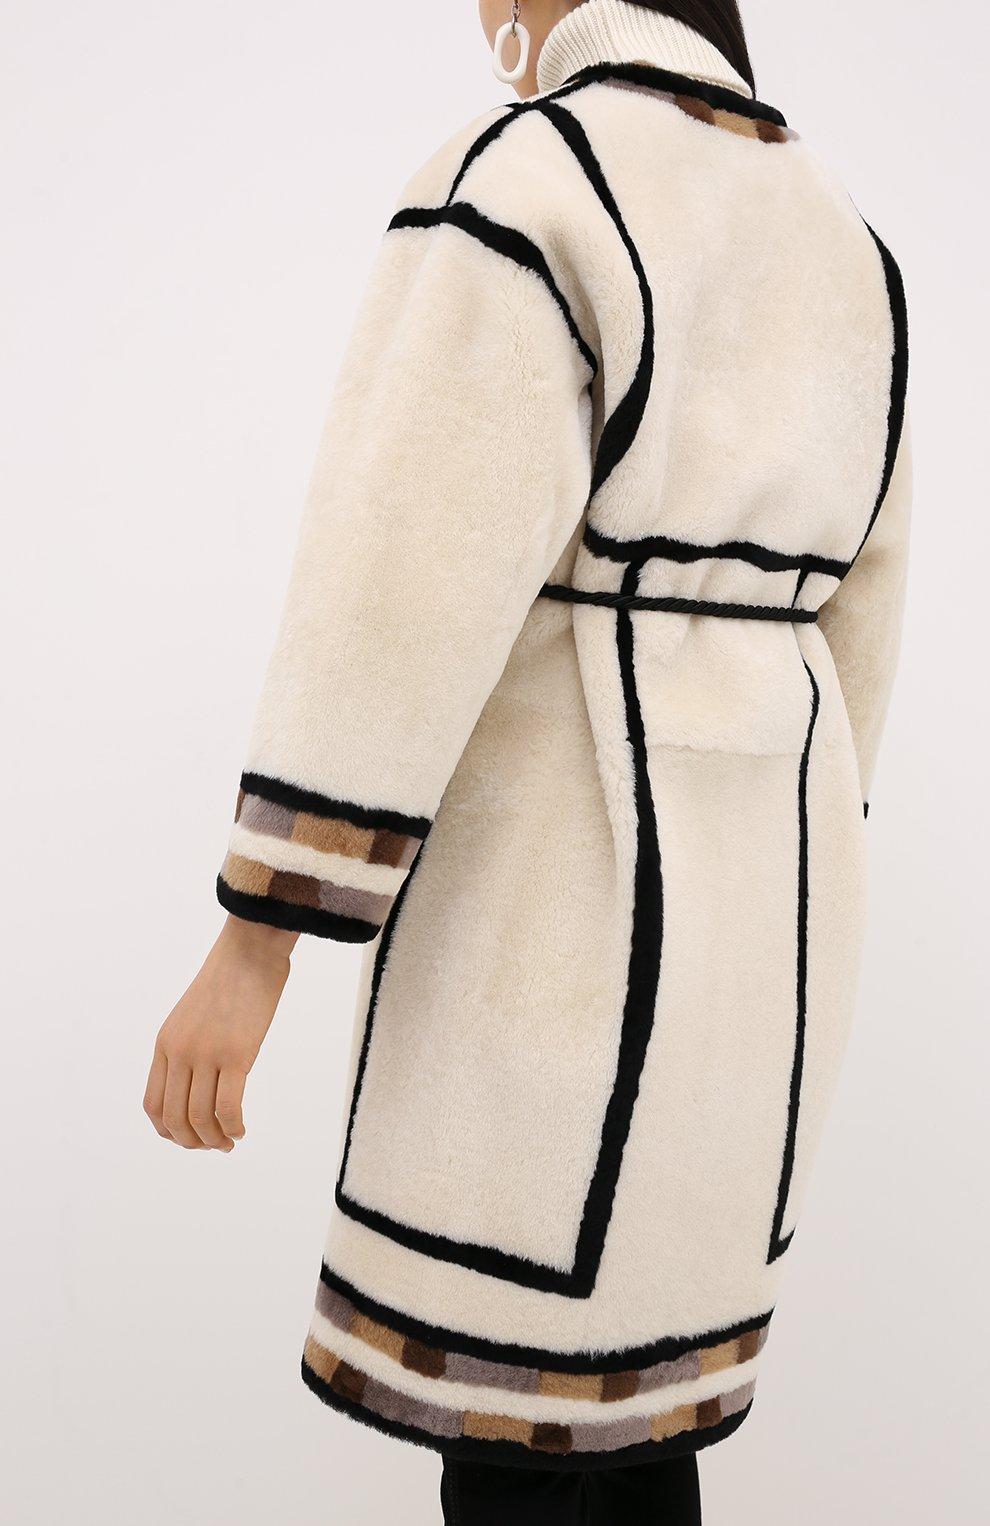 Женская дубленка с поясом BLANCHA светло-бежевого цвета, арт. 20095/300/26/VARIANTE IV0RY | Фото 4 (Женское Кросс-КТ: Мех, Замша и кожа; Рукава: Длинные; Материал внешний: Натуральный мех; Длина (верхняя одежда): До колена)